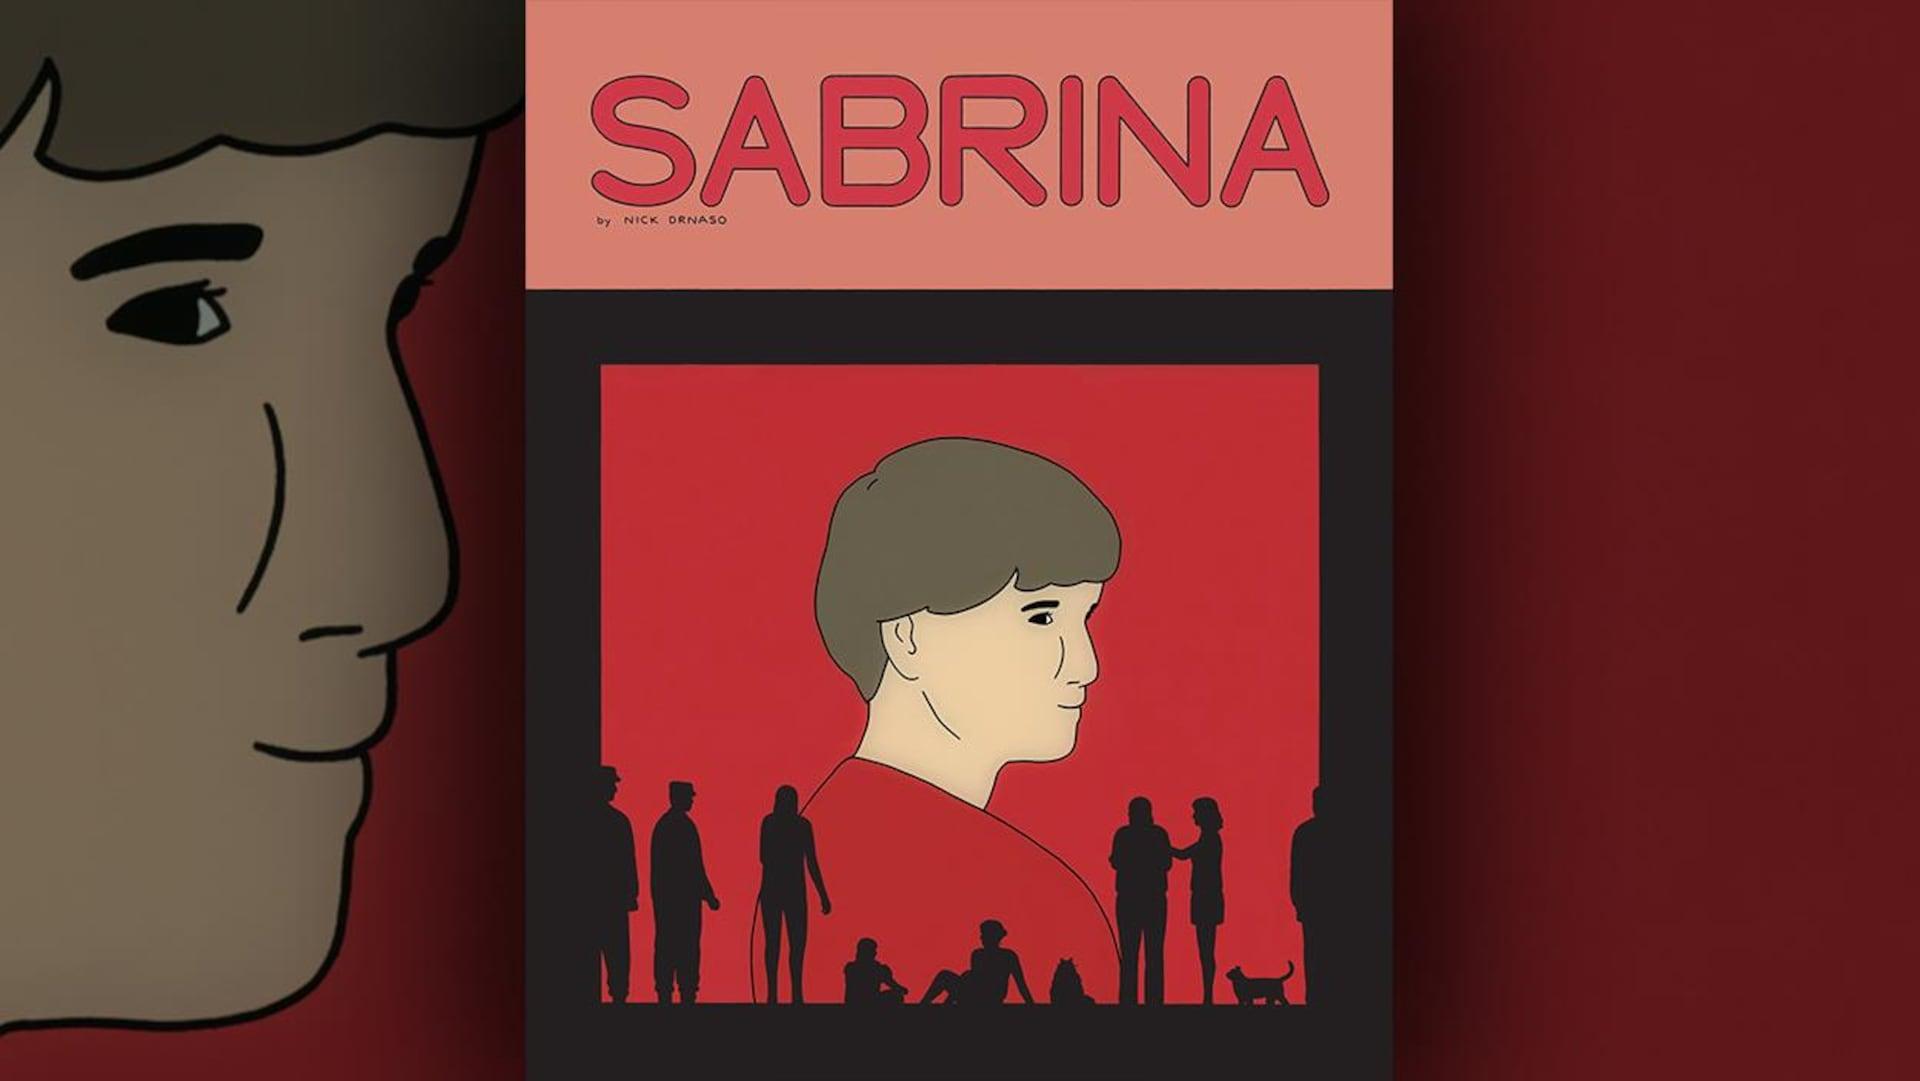 La couverture du livre  Sabrina  de Nick Drnaso